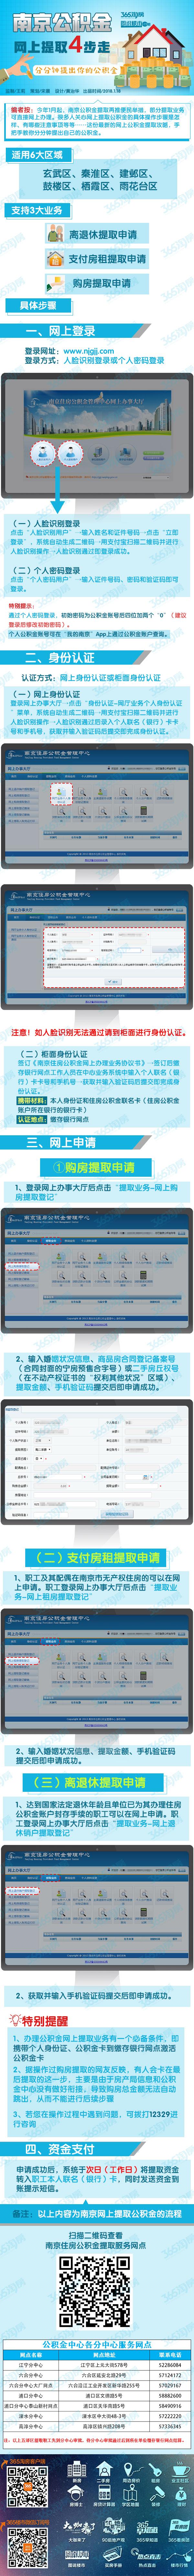 南京公积金网上提取